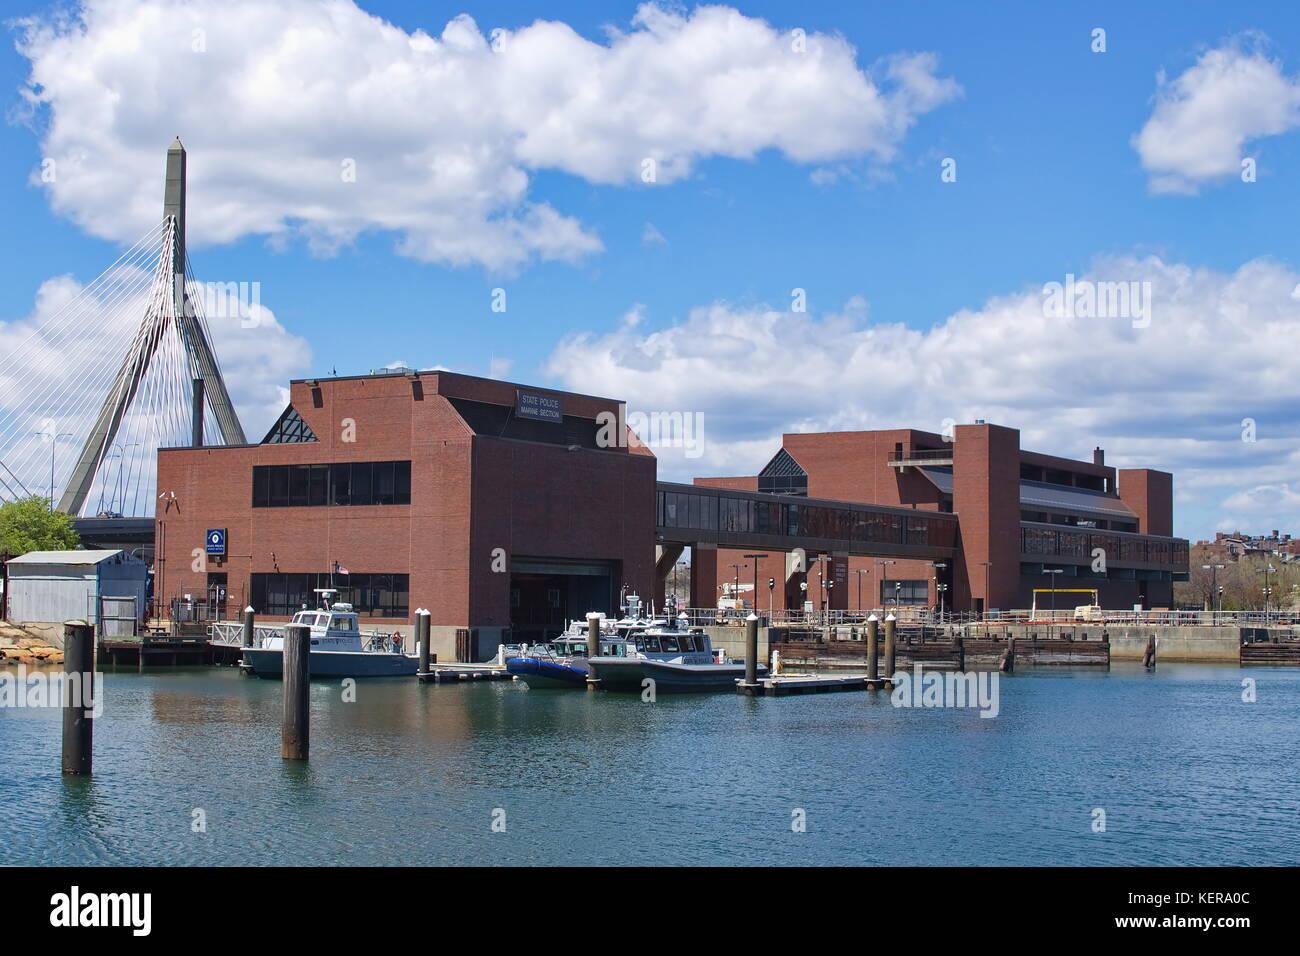 Boston Police Stock Photos & Boston Police Stock Images